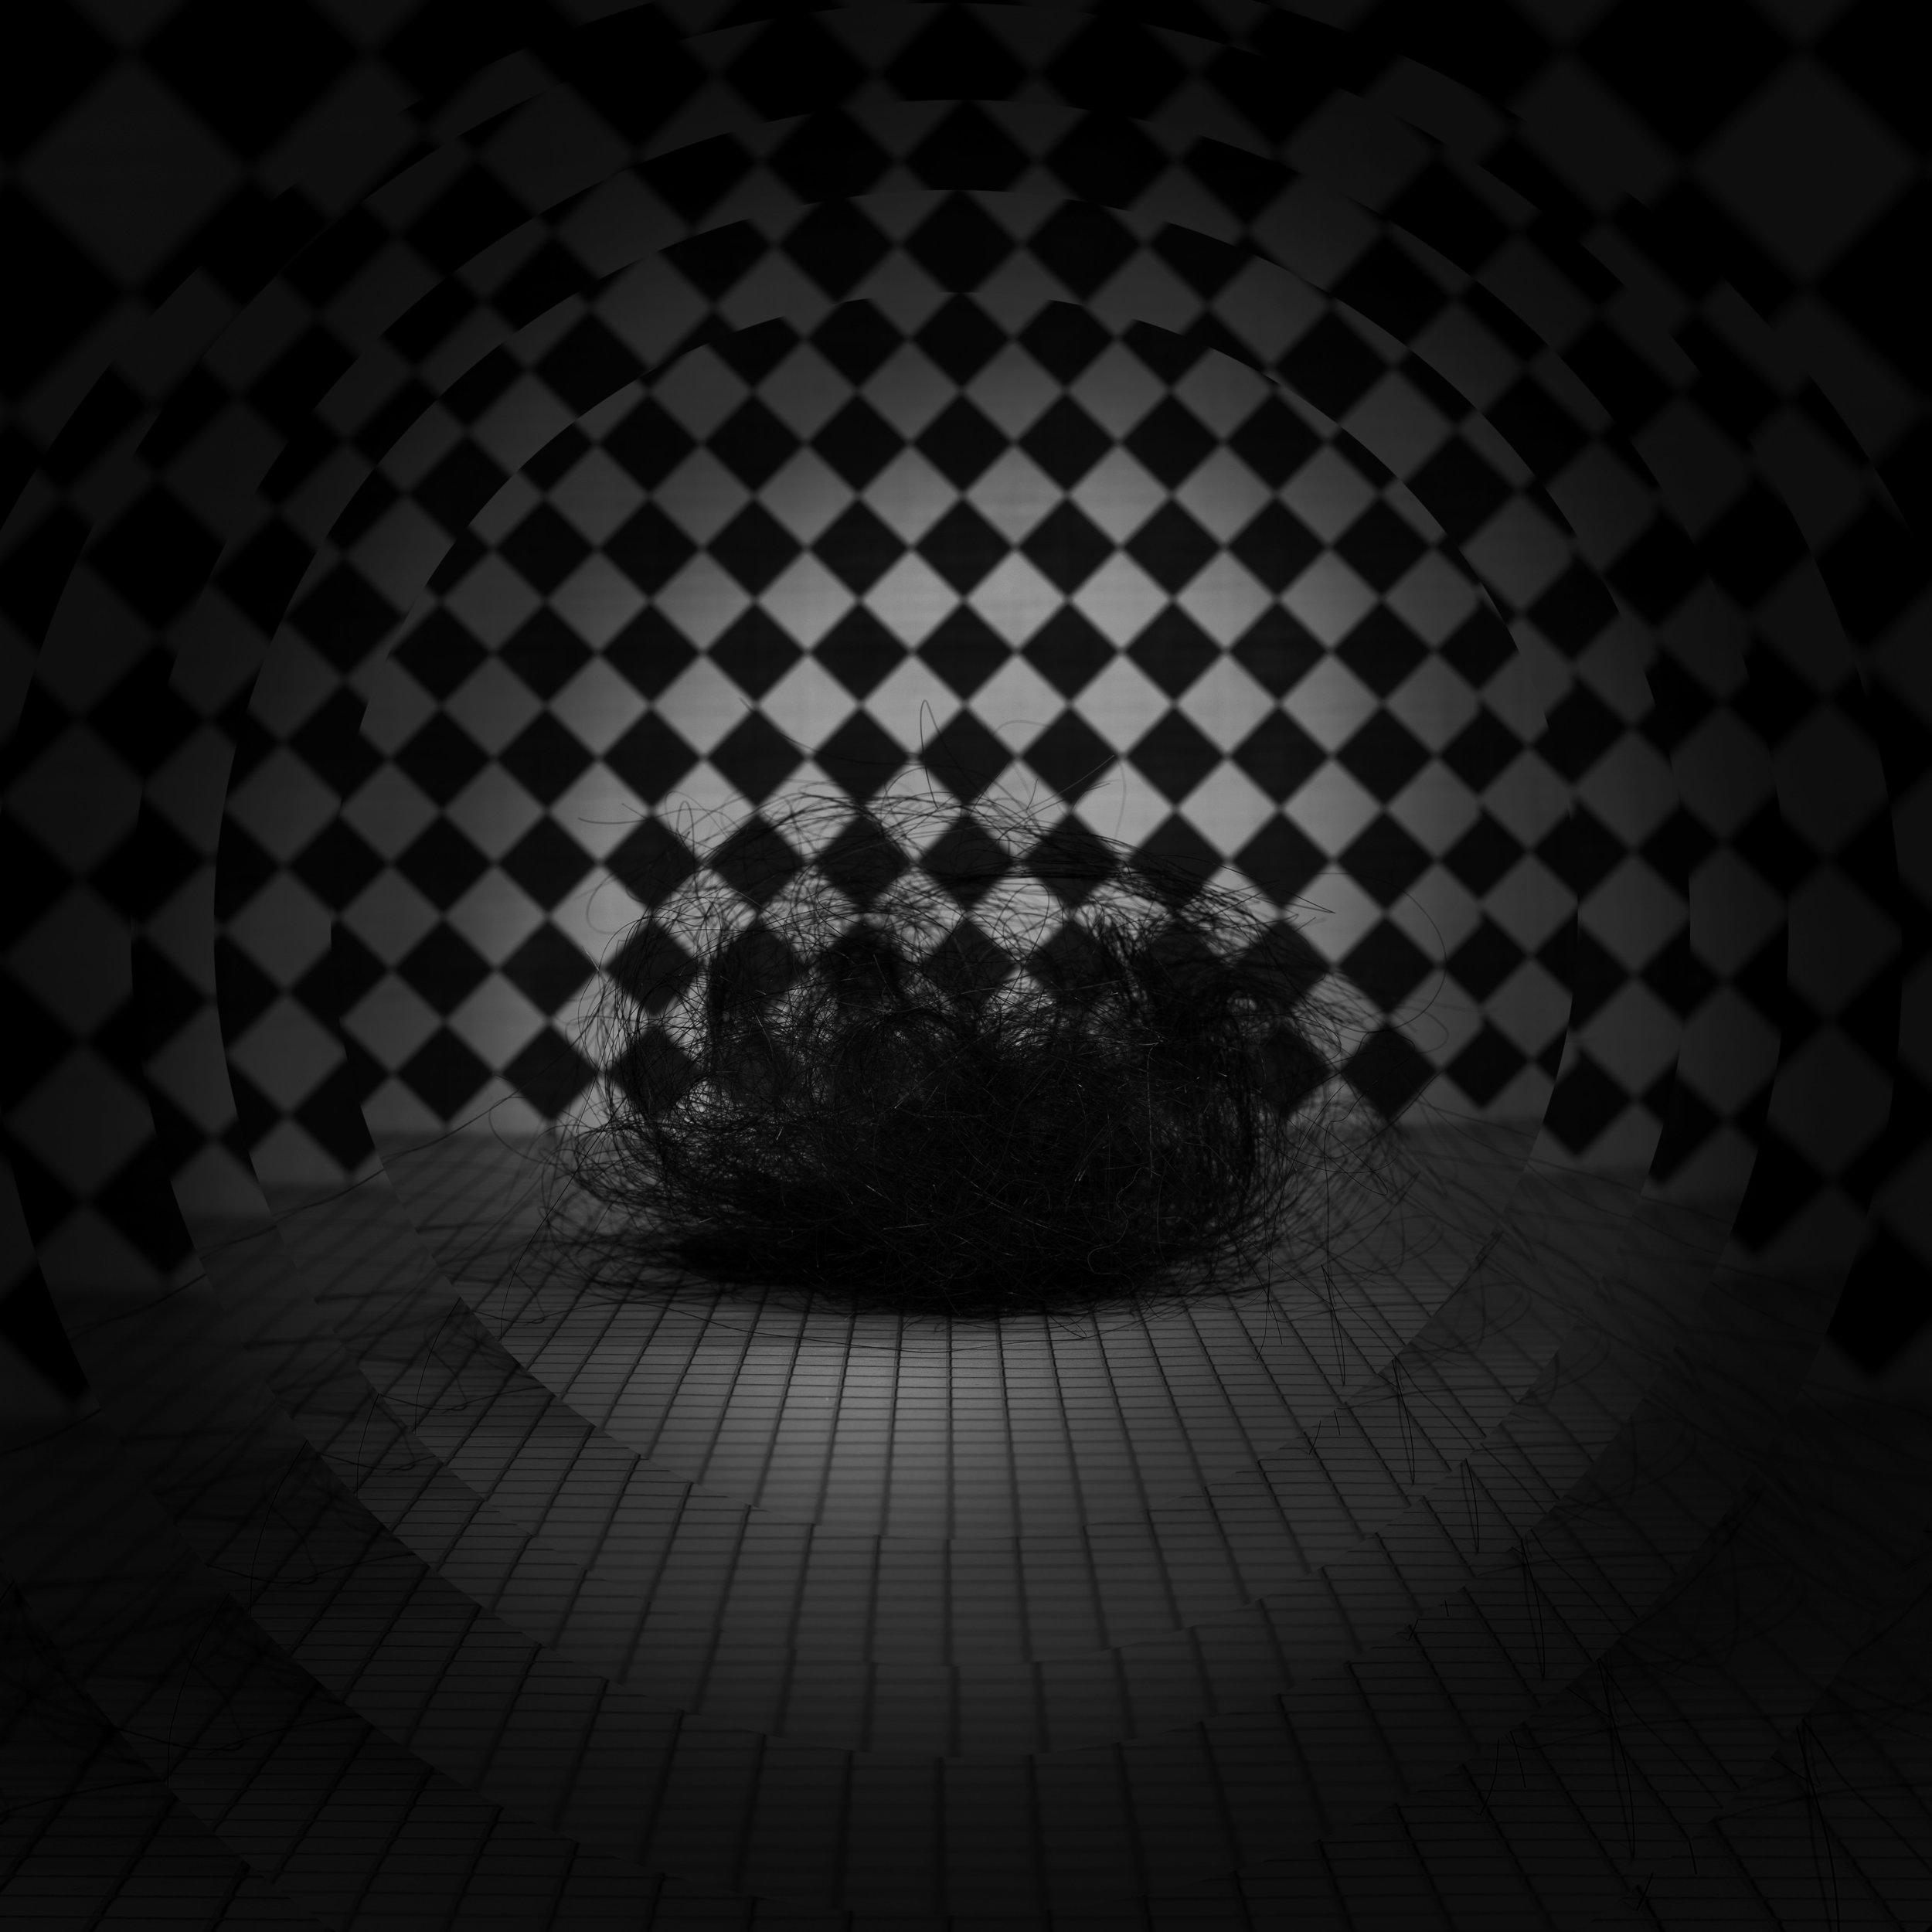 whitt_mindloop_artworkexample11.jpg